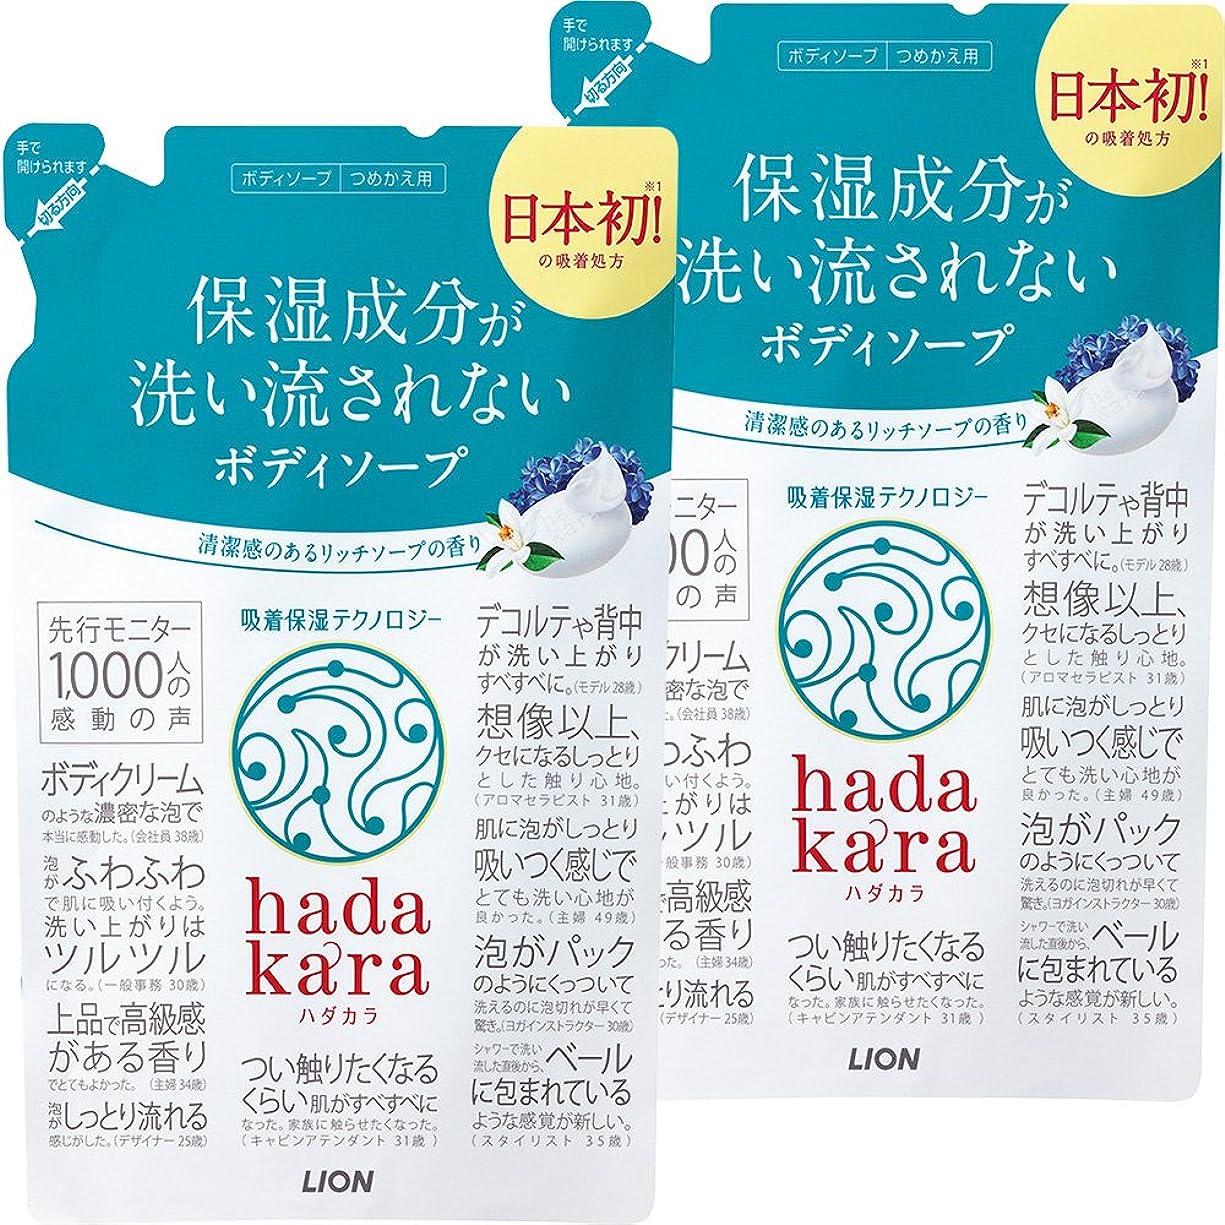 騙す開梱侵入する【まとめ買い】hadakara(ハダカラ) ボディソープ リッチソープの香り 詰め替え 360ml×2個パック